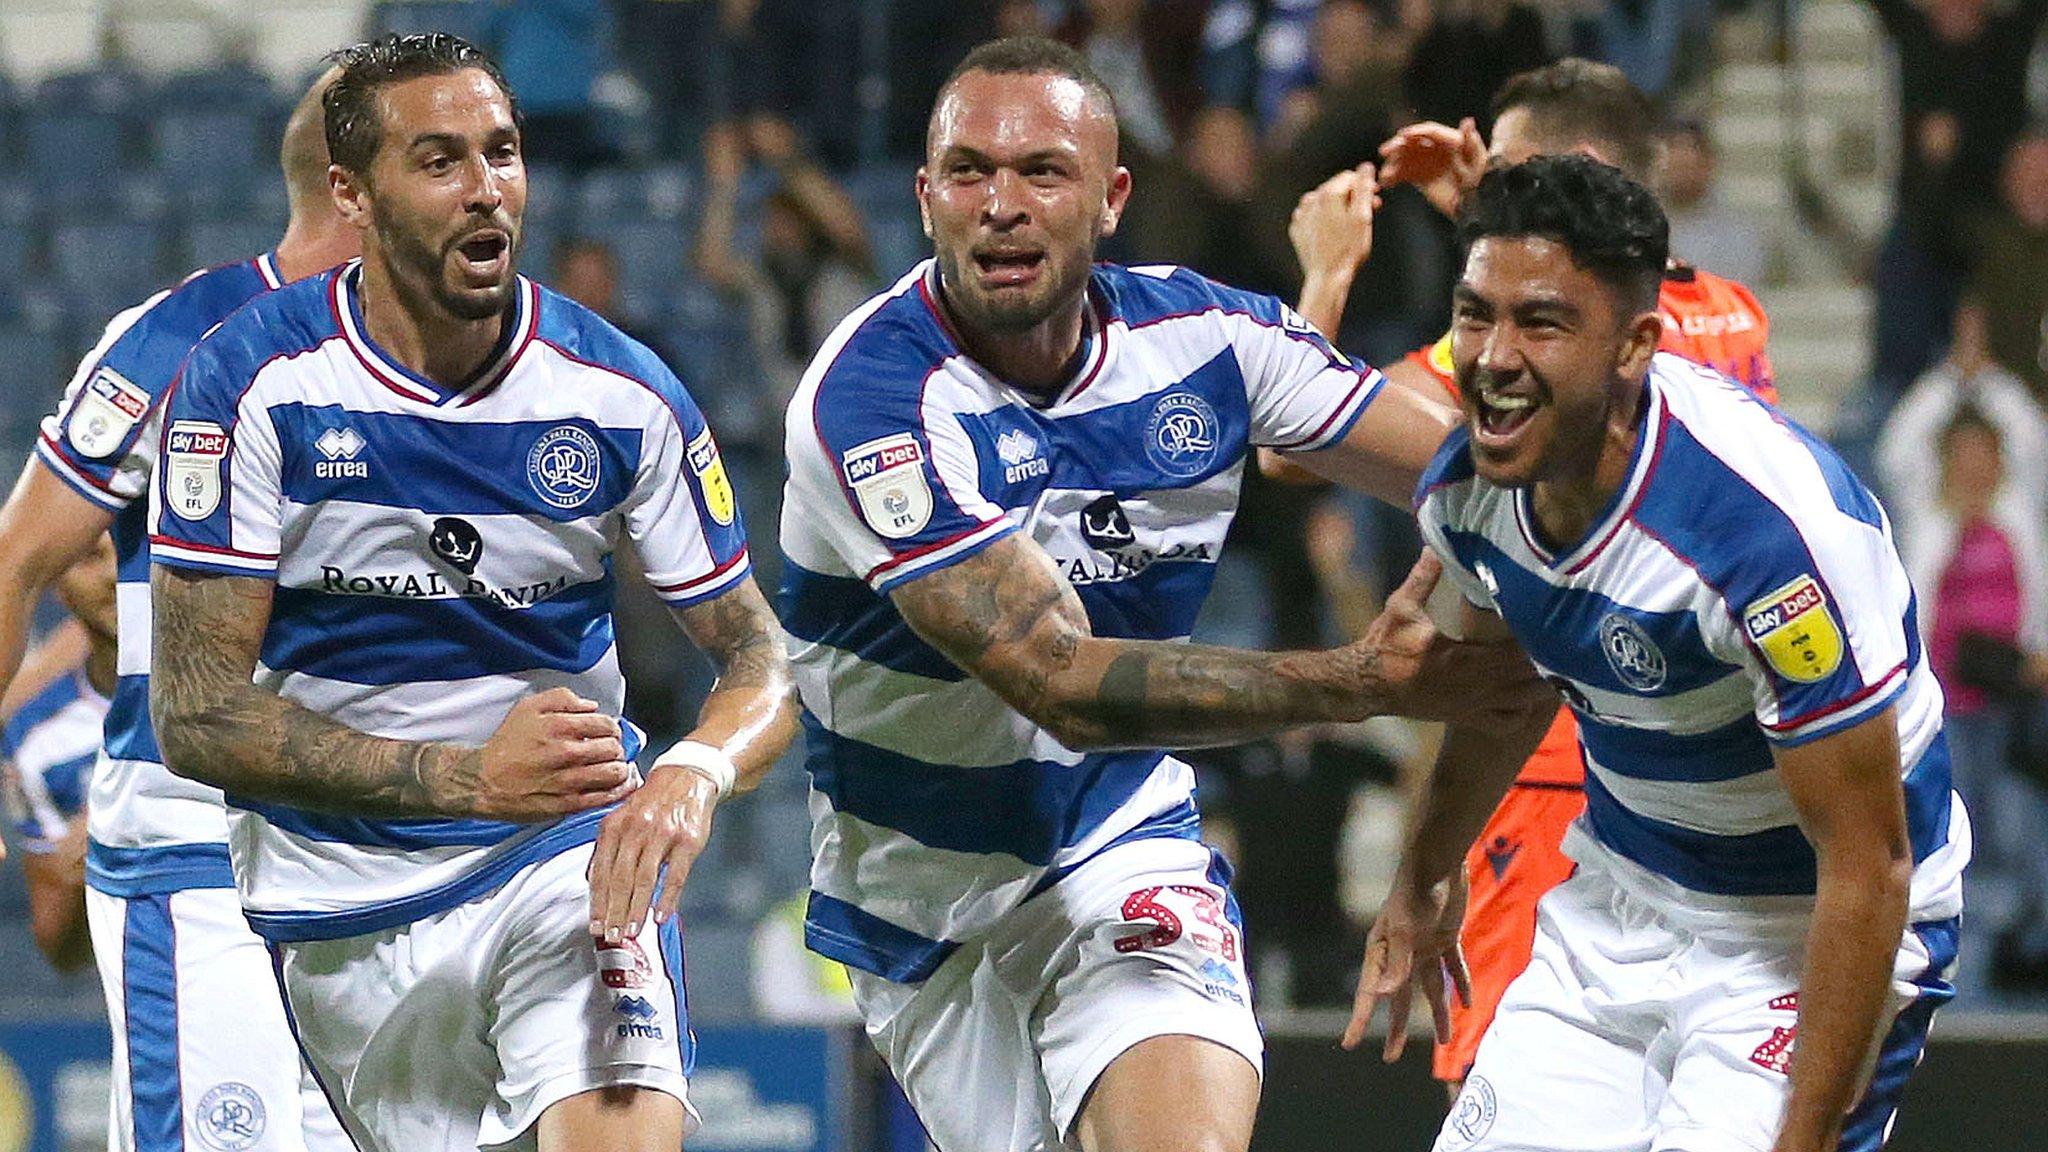 Queens Park Rangers 2-0 Millwall: Luongo & Eze extend QPR unbeaten run